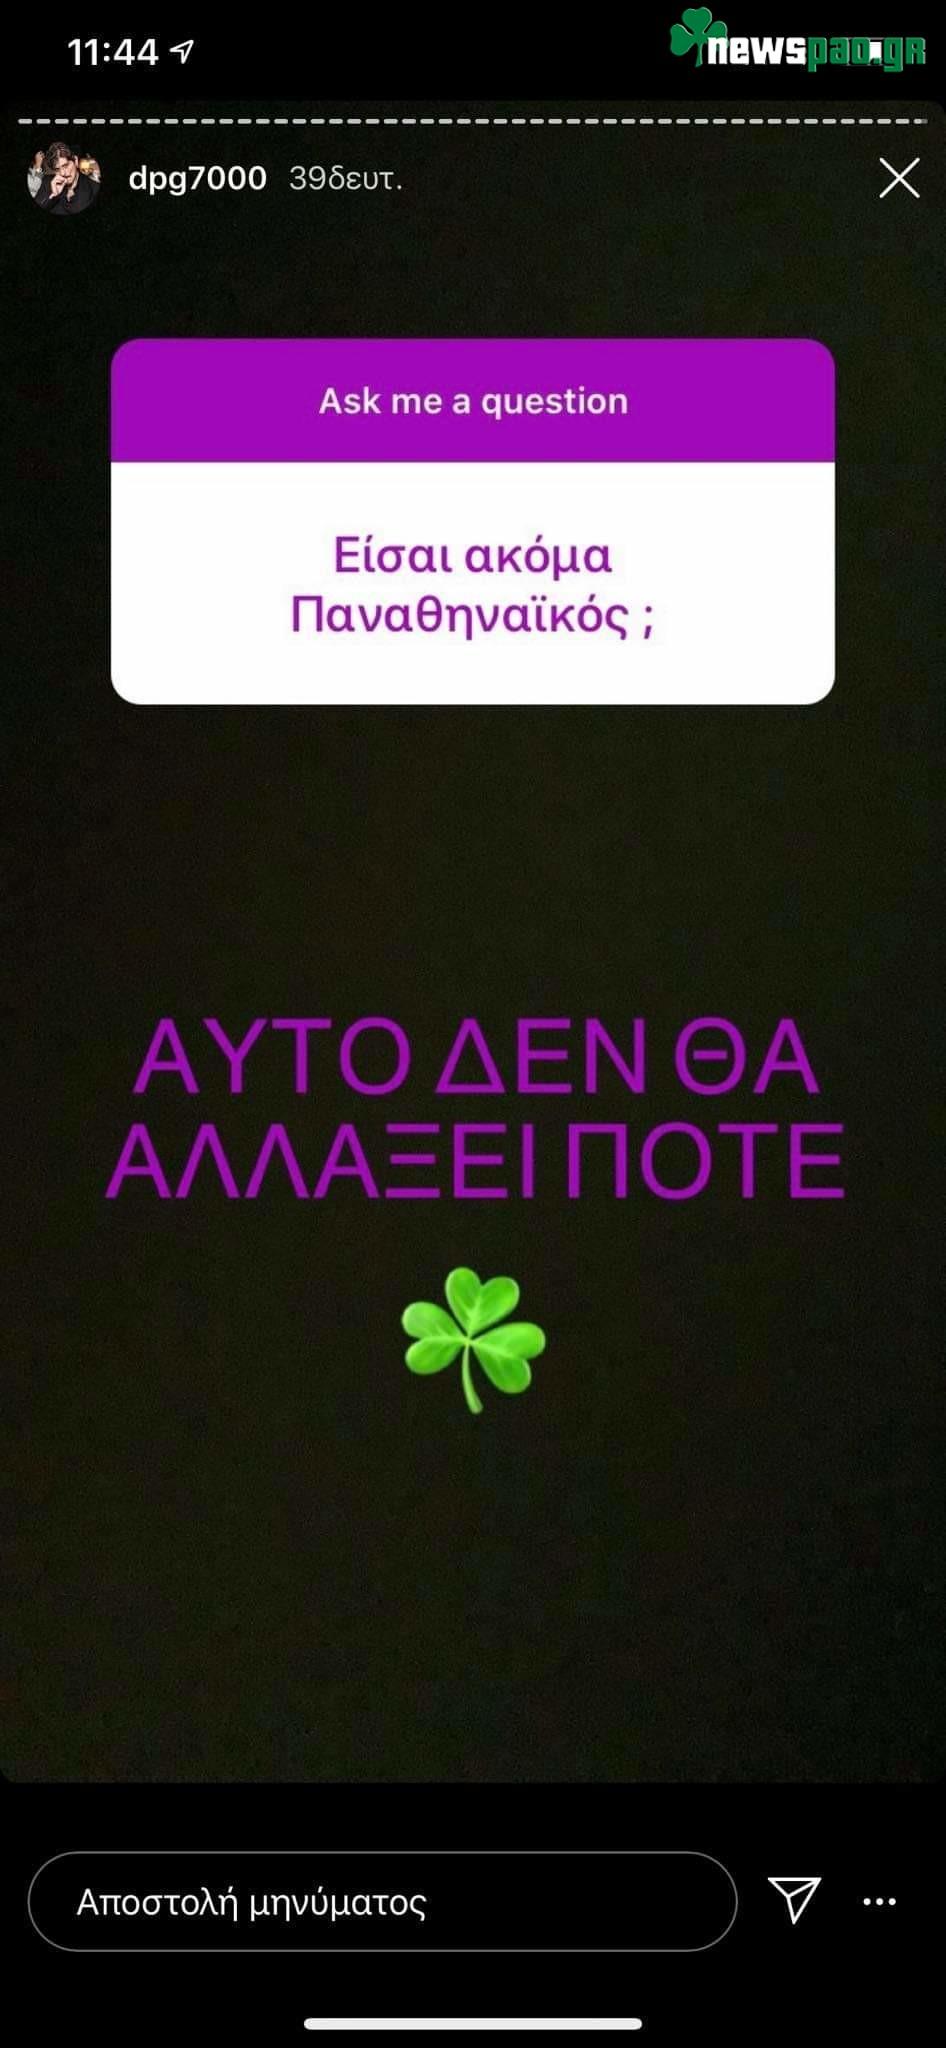 Γιαννακοπουλος για Παναθηναϊκό: «Αυτό δεν θα αλλάξει ποτέ»